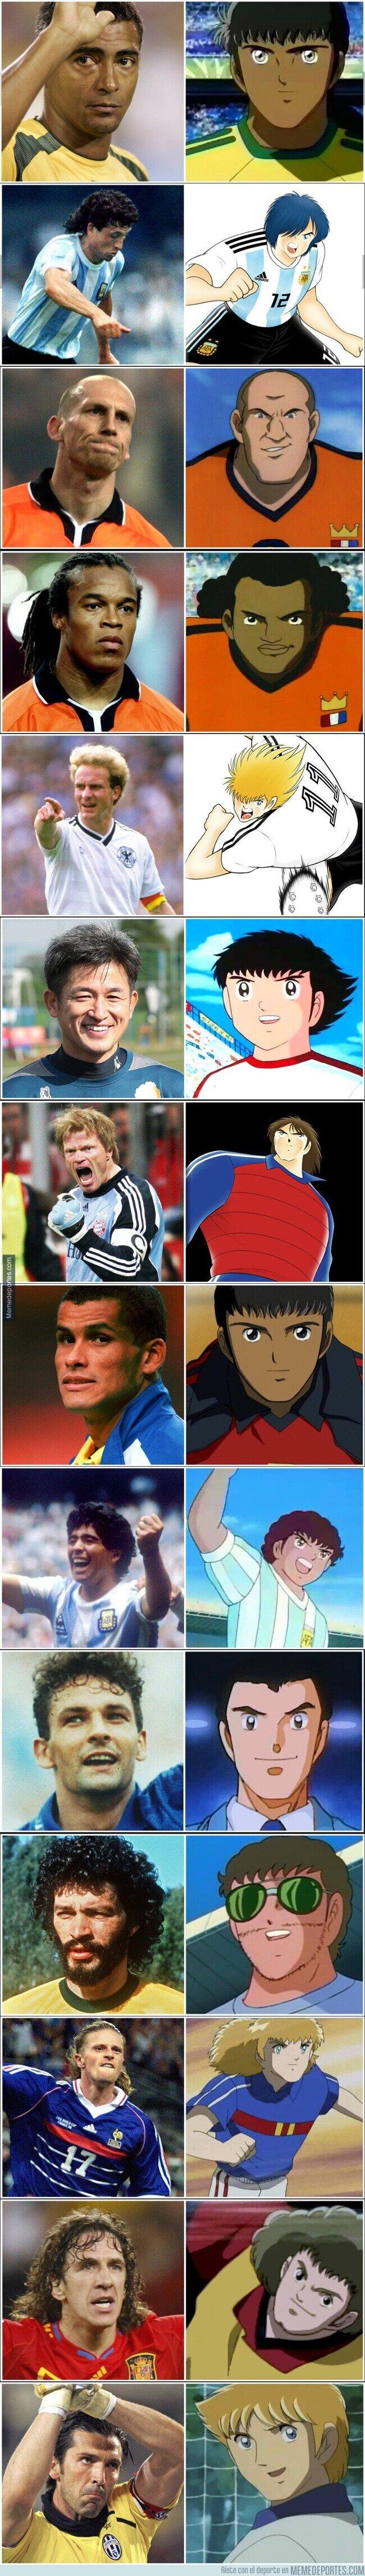 1114911 - En estos futbolistas reales se inspiraron para crear los personajes de la serie Campeones